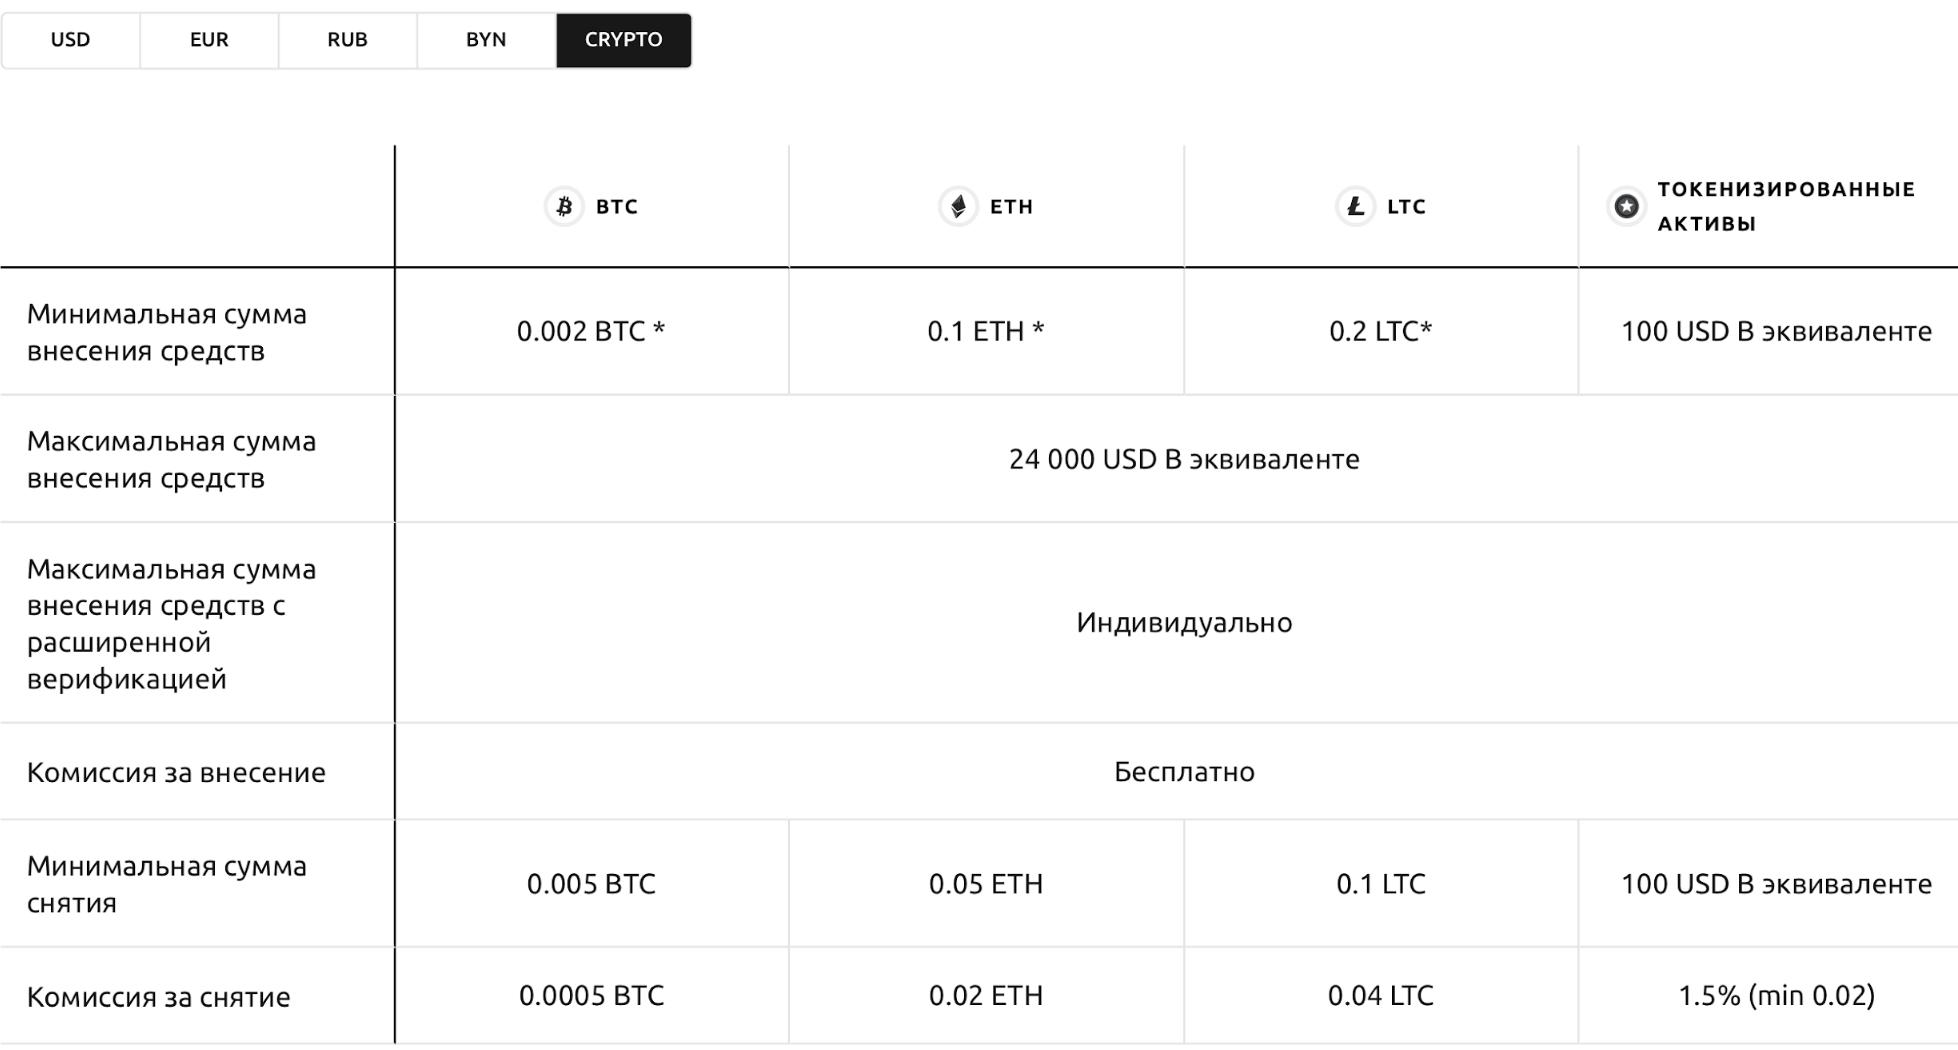 Условия пополнения для криптовалюты на Currency